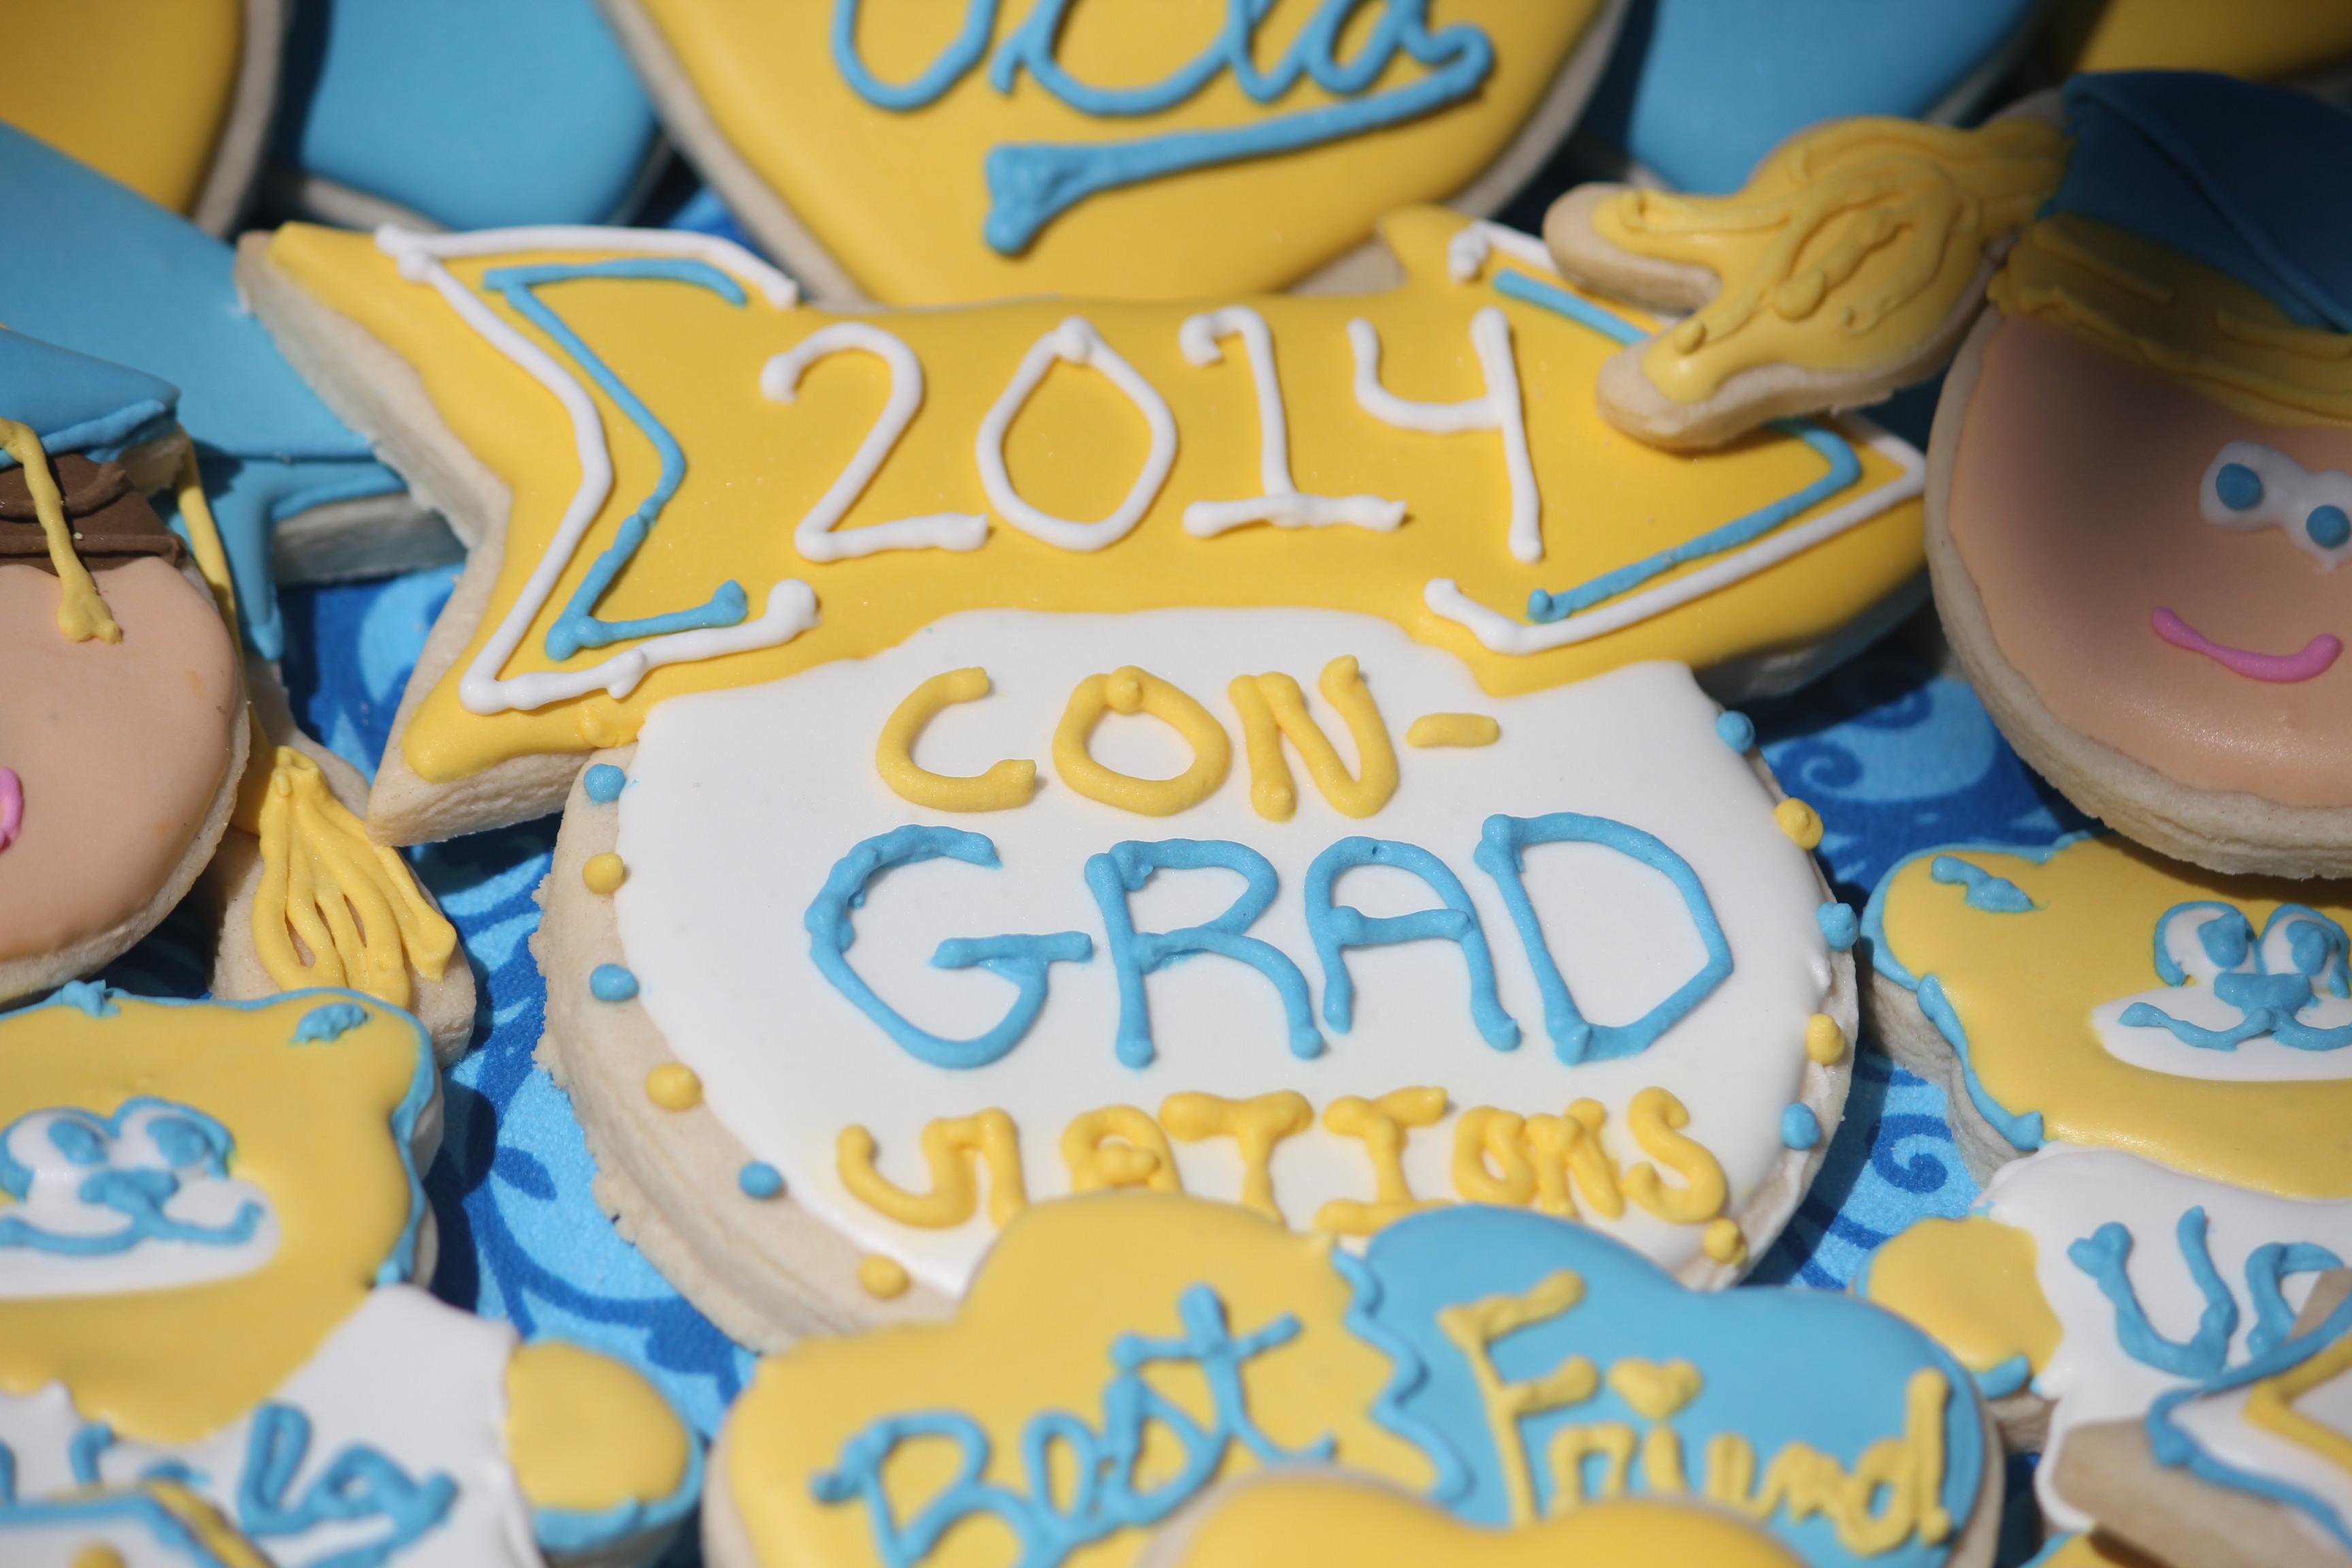 Con-grad-ulations Graduation  Sugar Cookies | SugaredandIced.com